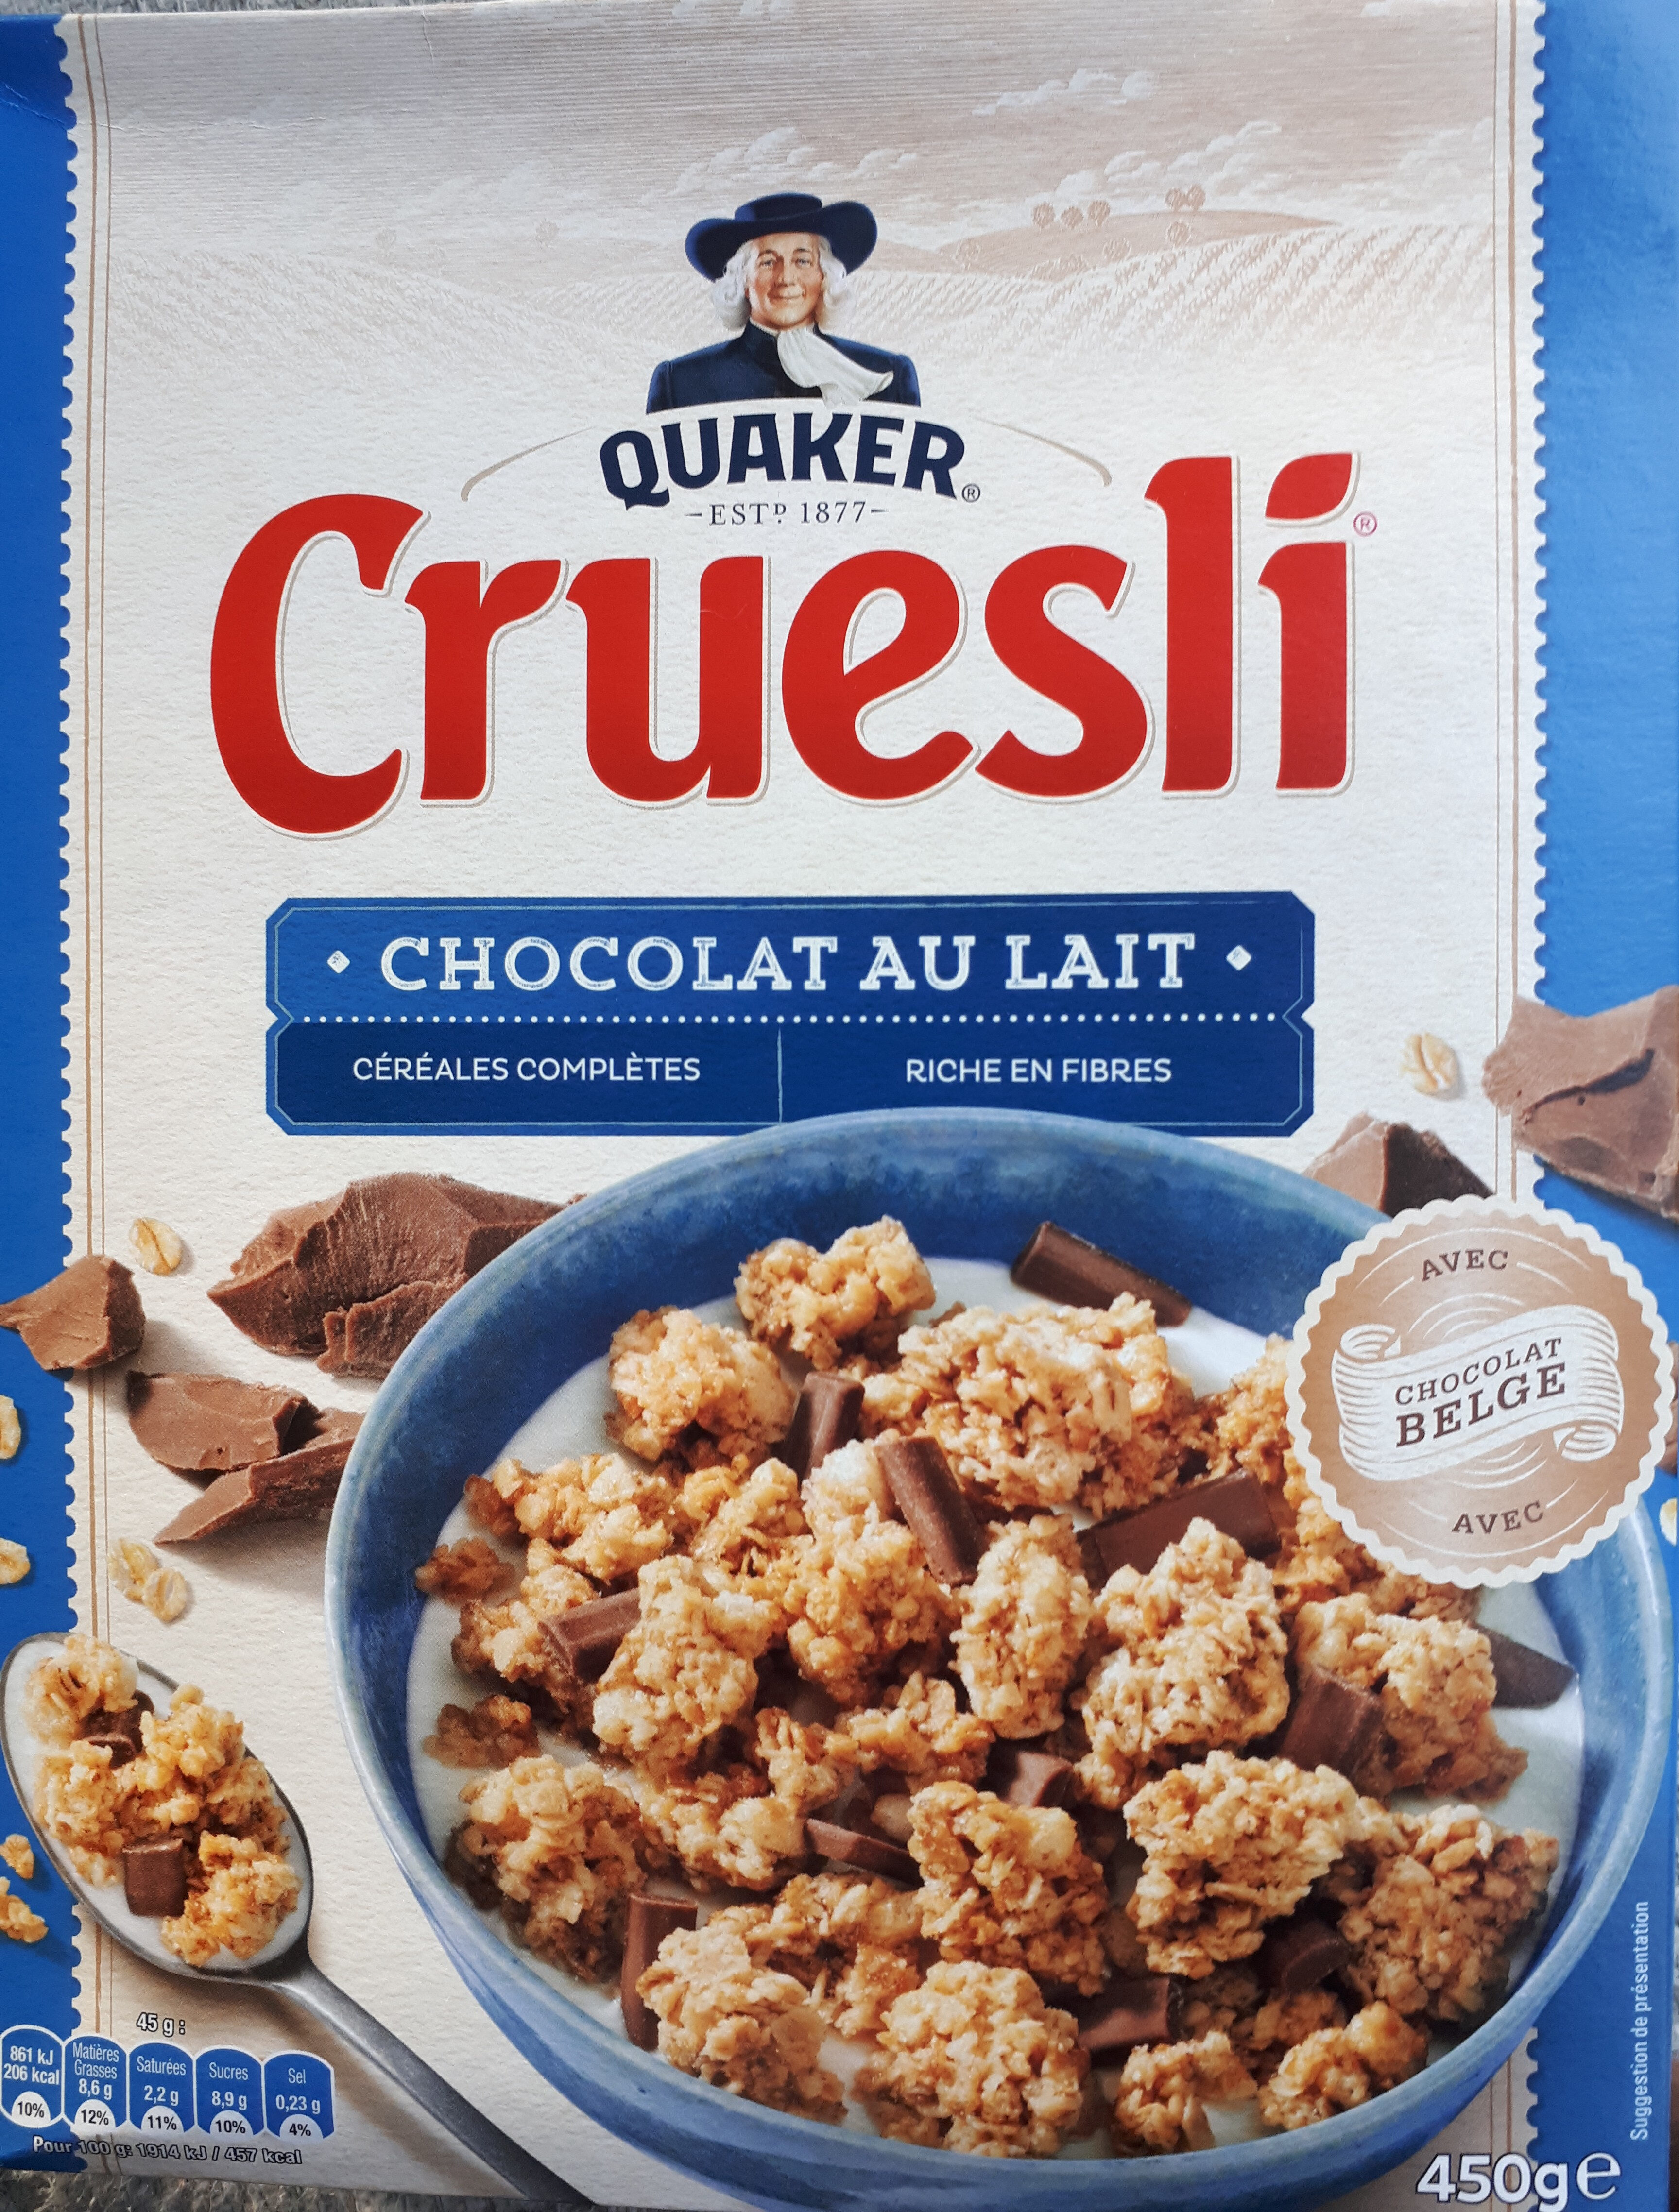 Quaker Cruesli Chocolat au lait - Producto - fr